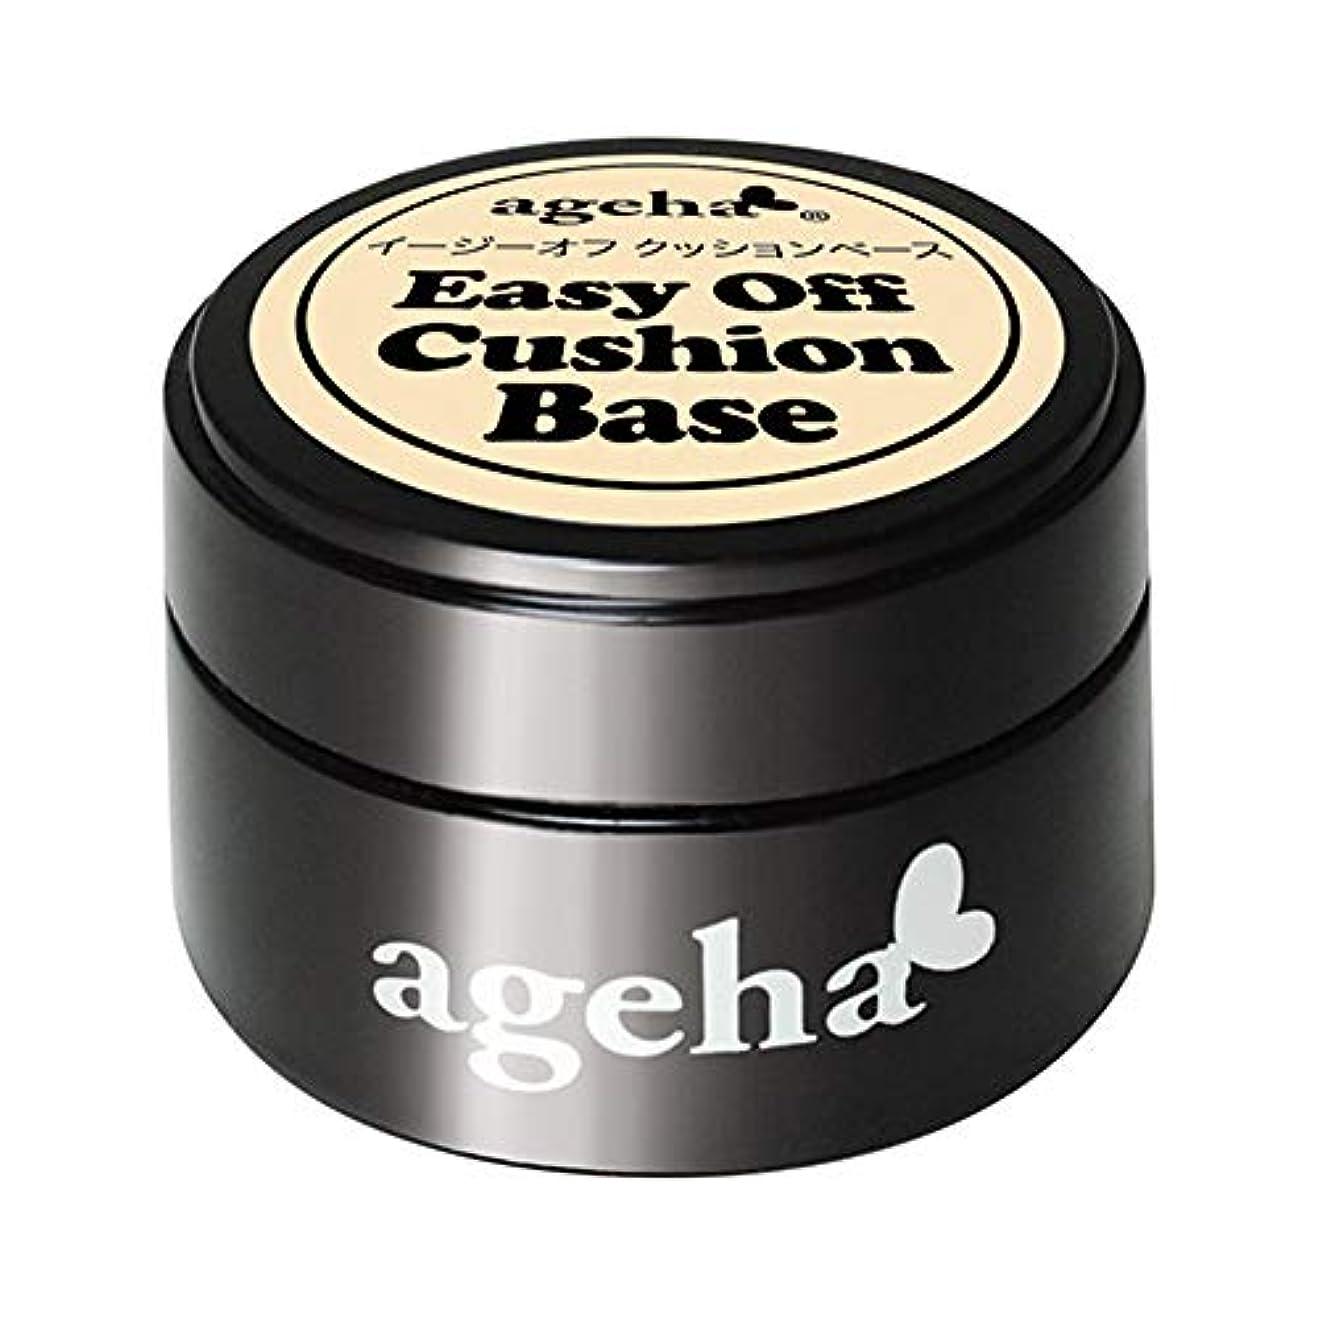 スラック移行一見agehagel(アゲハジェル) ageha イージーオフ クッションベース 7.5g UV/LED対応 ジェルネイル